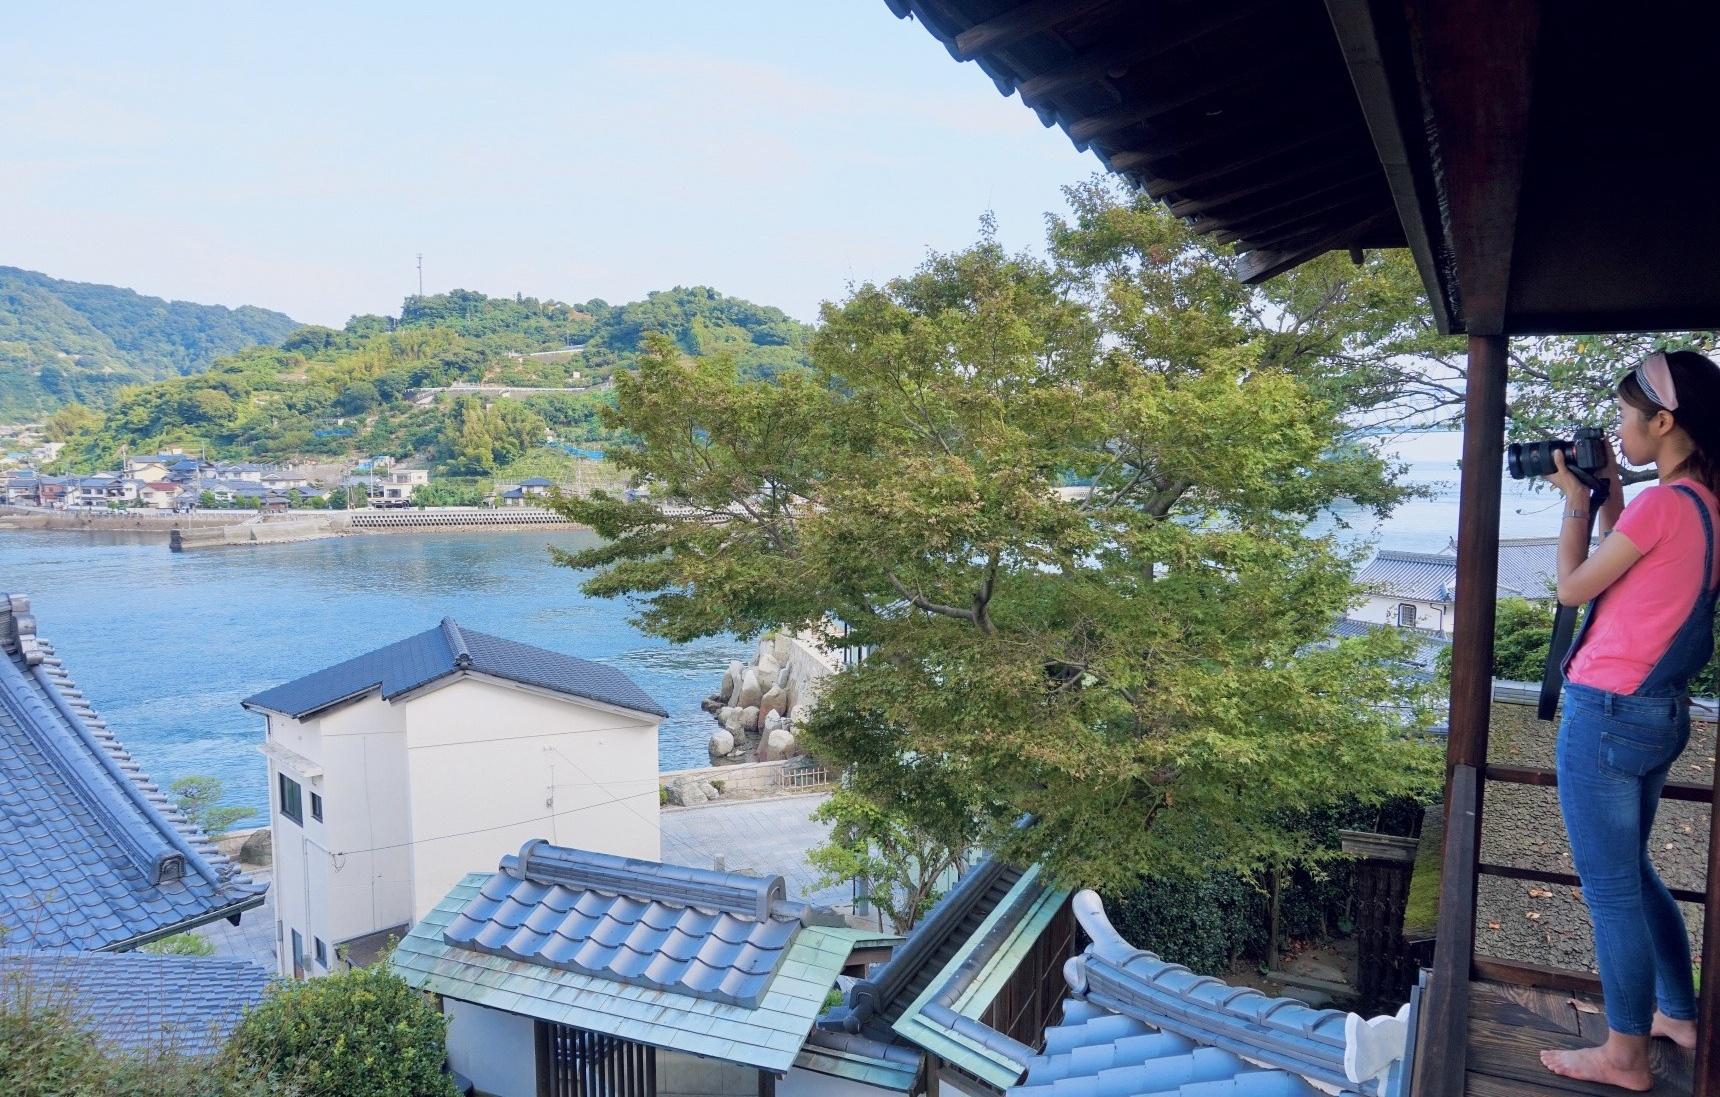 日本广岛:到吴市「松涛园」寻朝鲜使节团足迹,登「白雪楼」体验日版醉翁亭记!